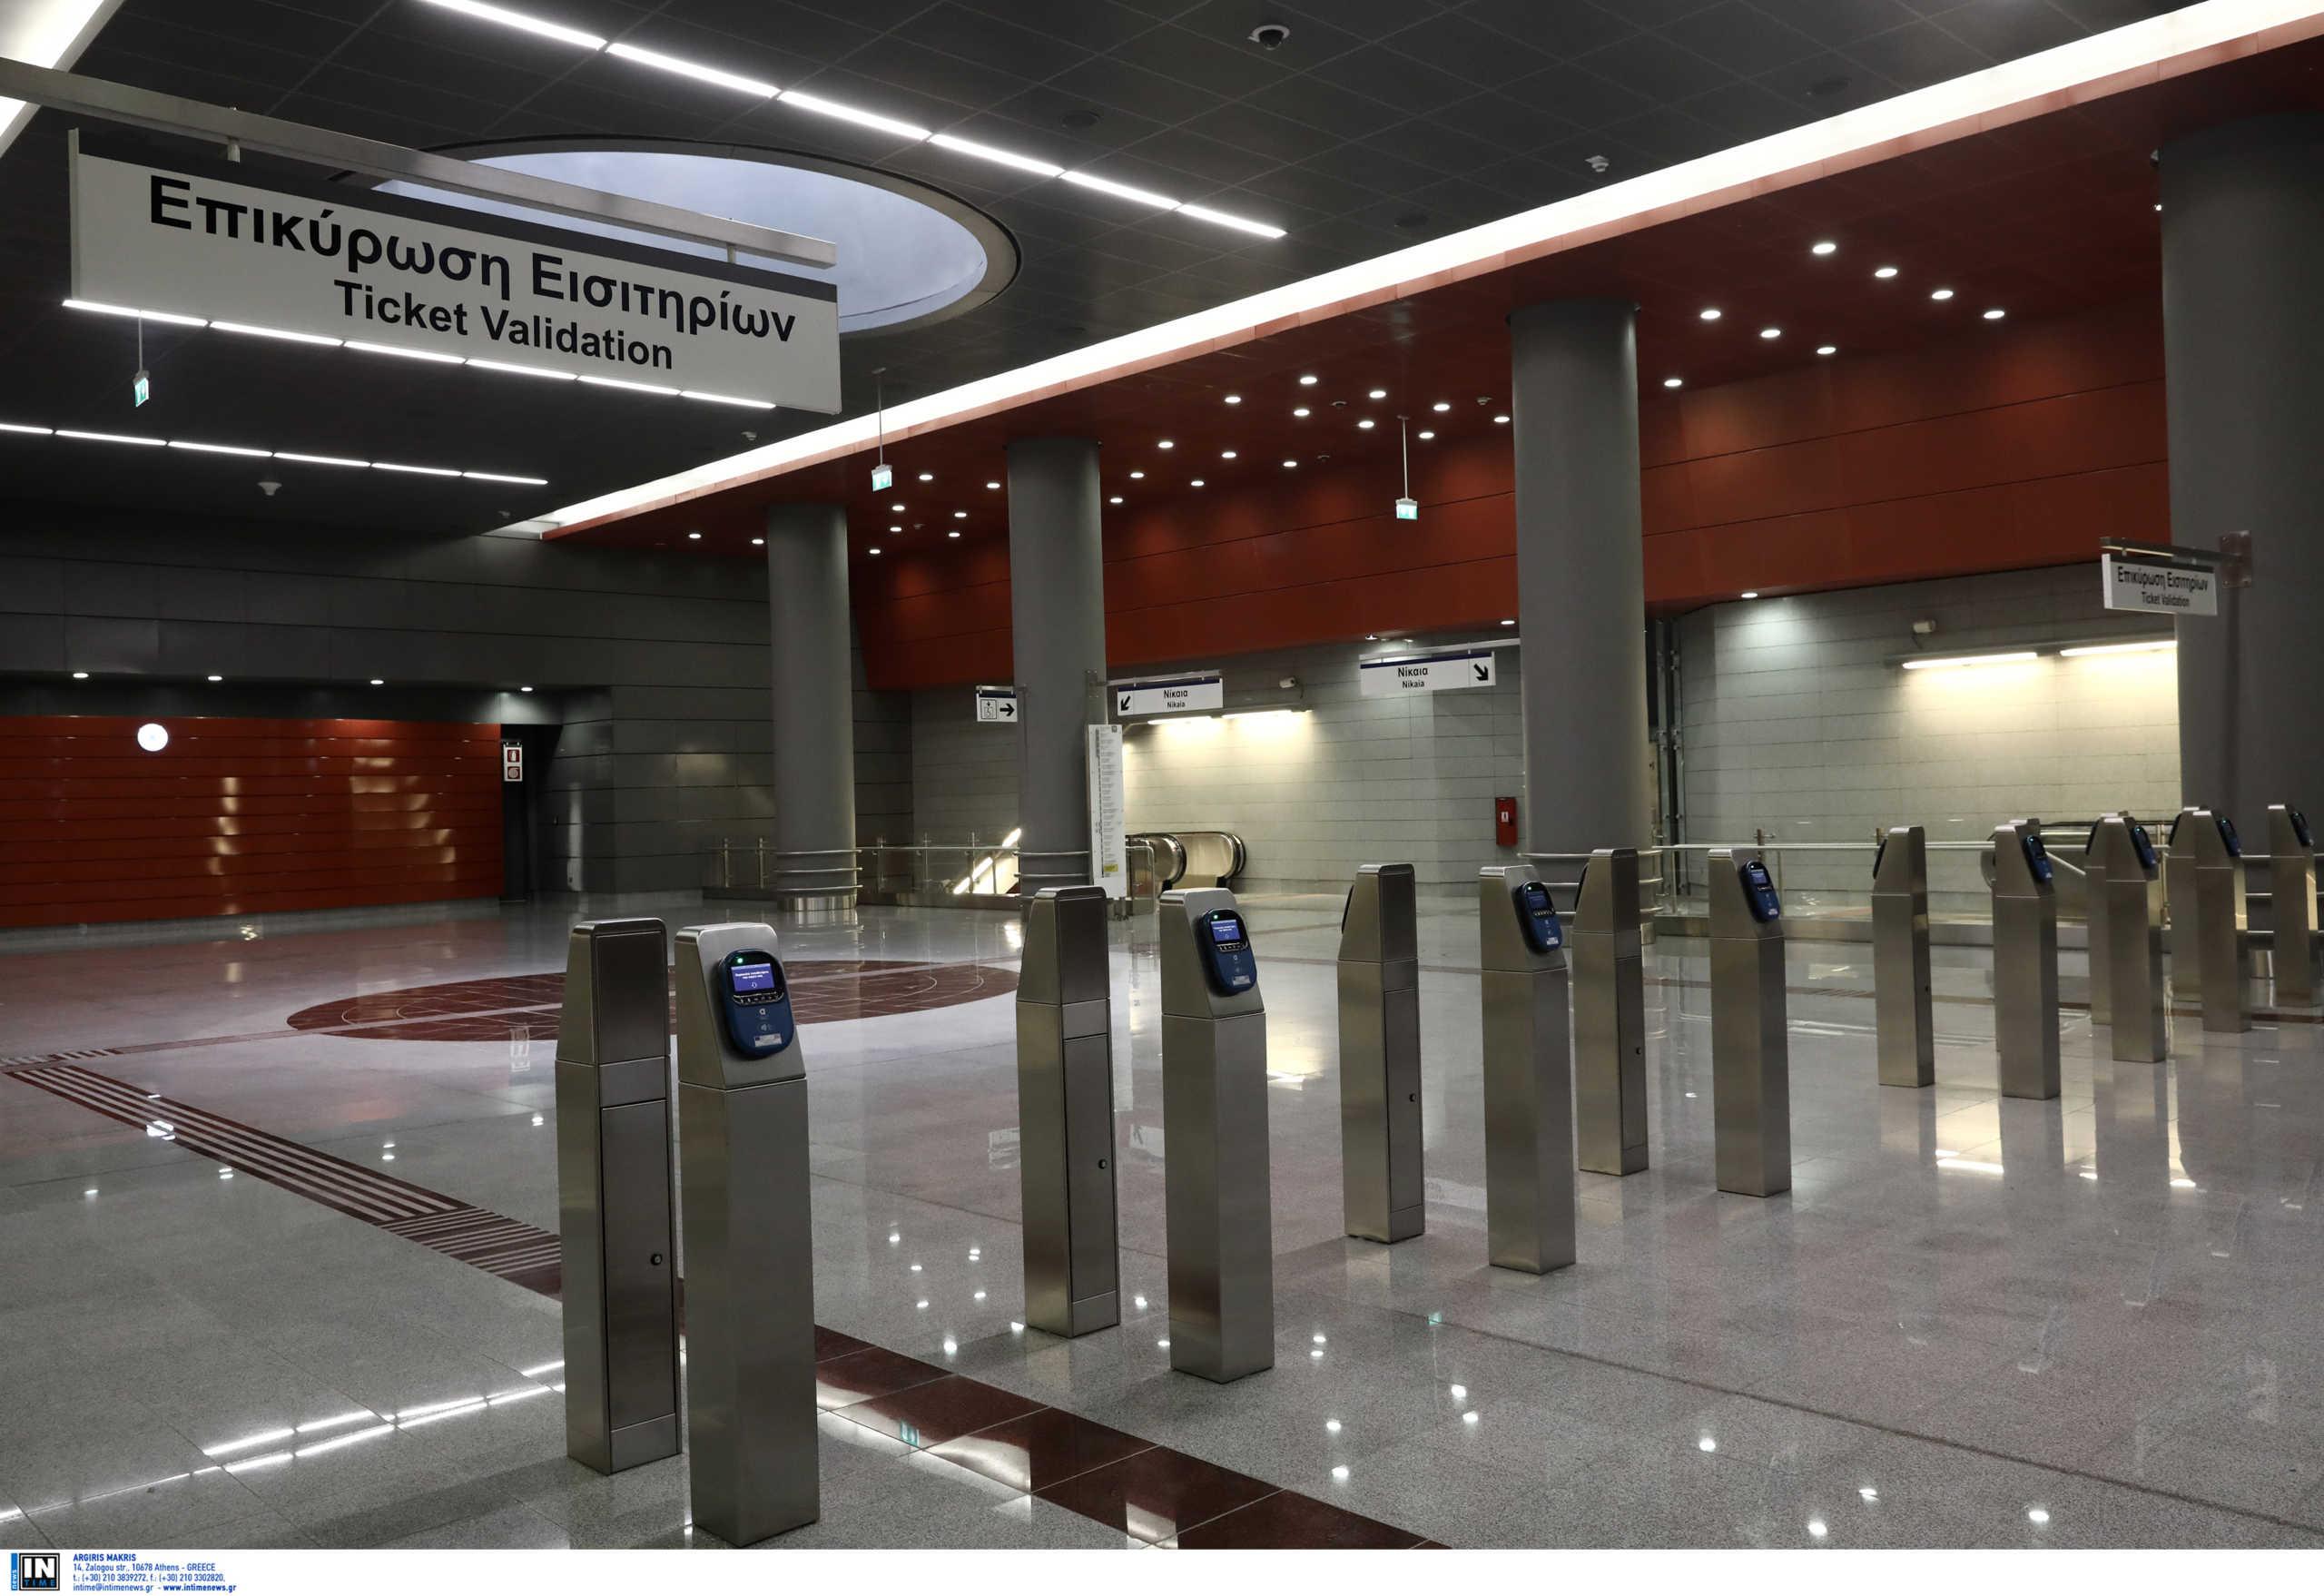 Νίκαια: Ο εμβληματικός «Επιτάφιος» του χαράκτη Τάσσου κοσμεί πλέον το Μετρό (pic)